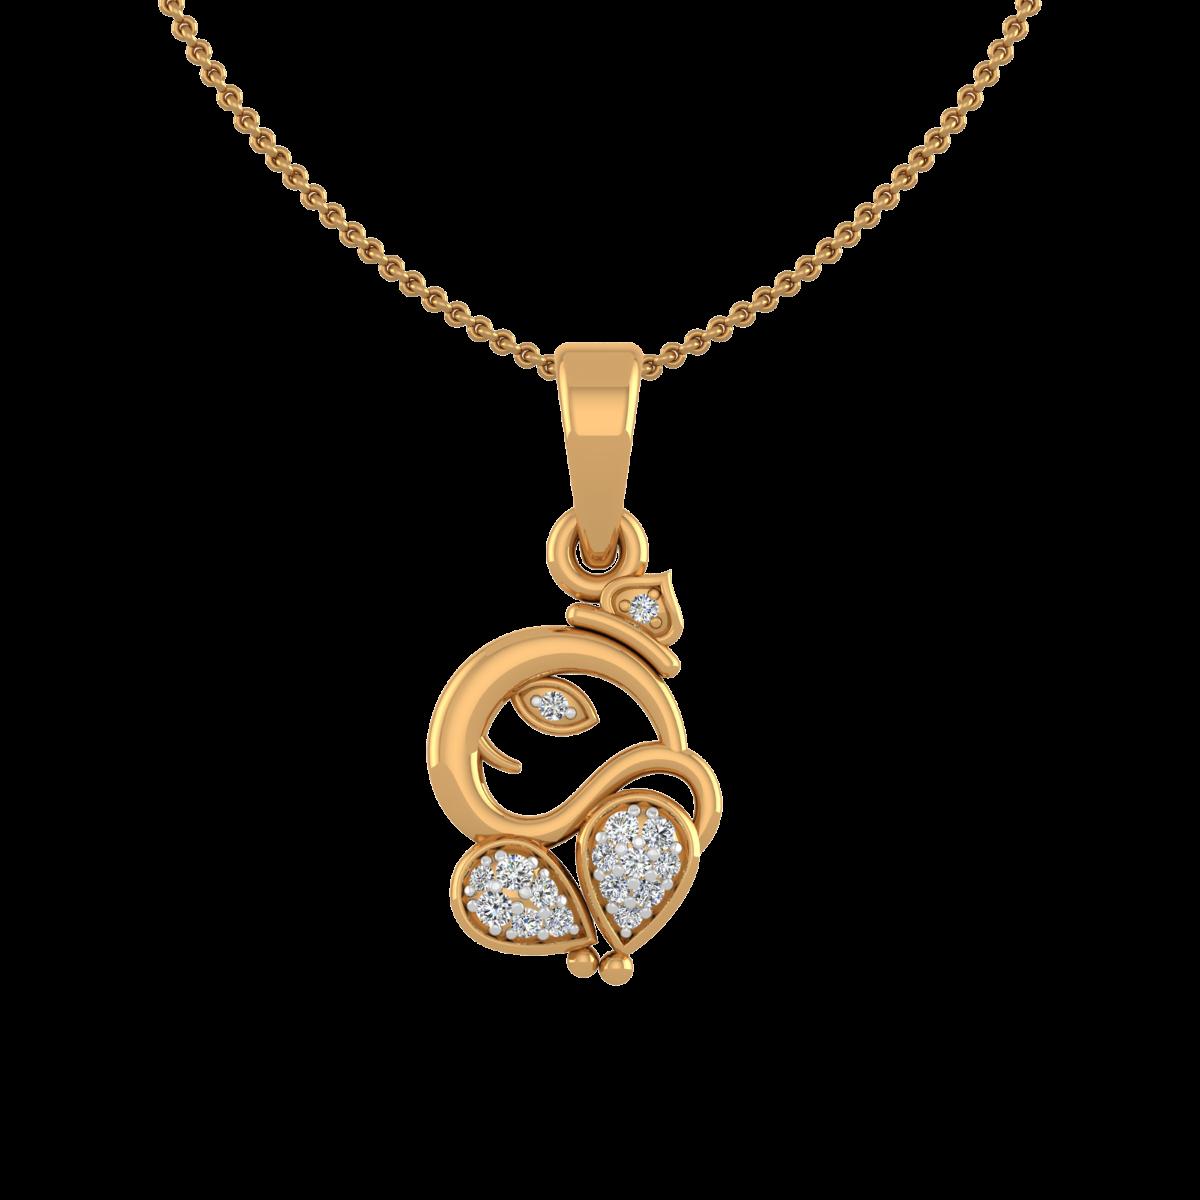 Auspicious Ganpati Gold Diamond Pendant